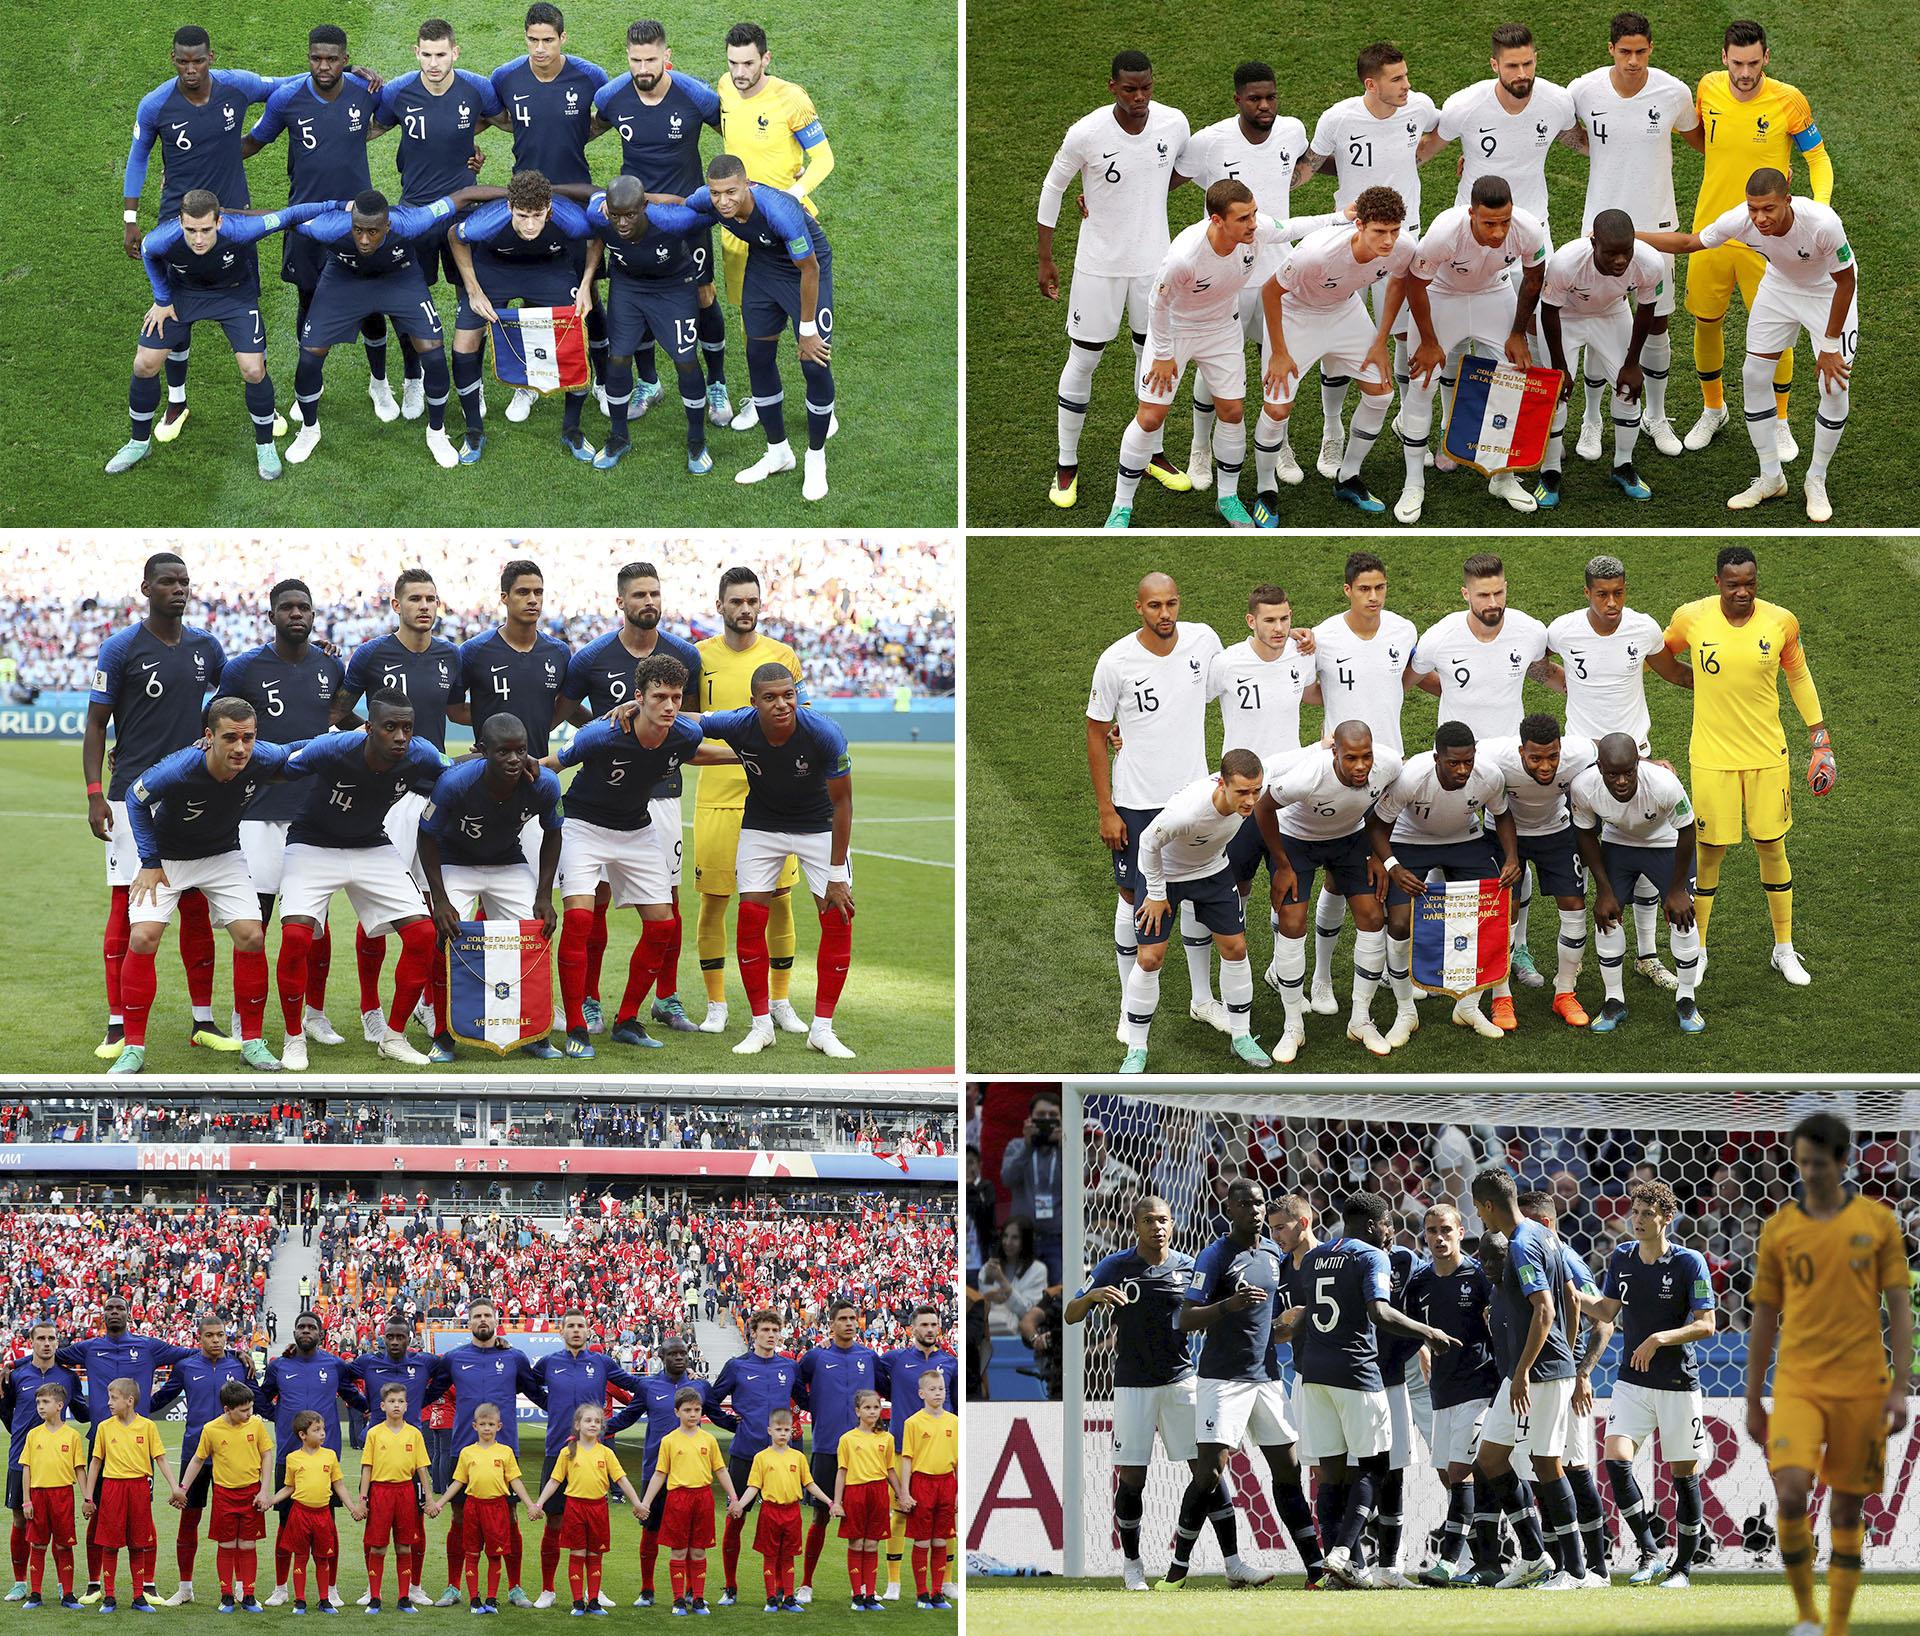 El lookde Francia: azul contra Bélgica, blanco ante Uruguay, tricolor en octavos frente a Argentina, blanco con pantalón azul ante Dinamarca, azul y medias rojas contra Perú y azul con pantalón blanco en el debut contra Australia